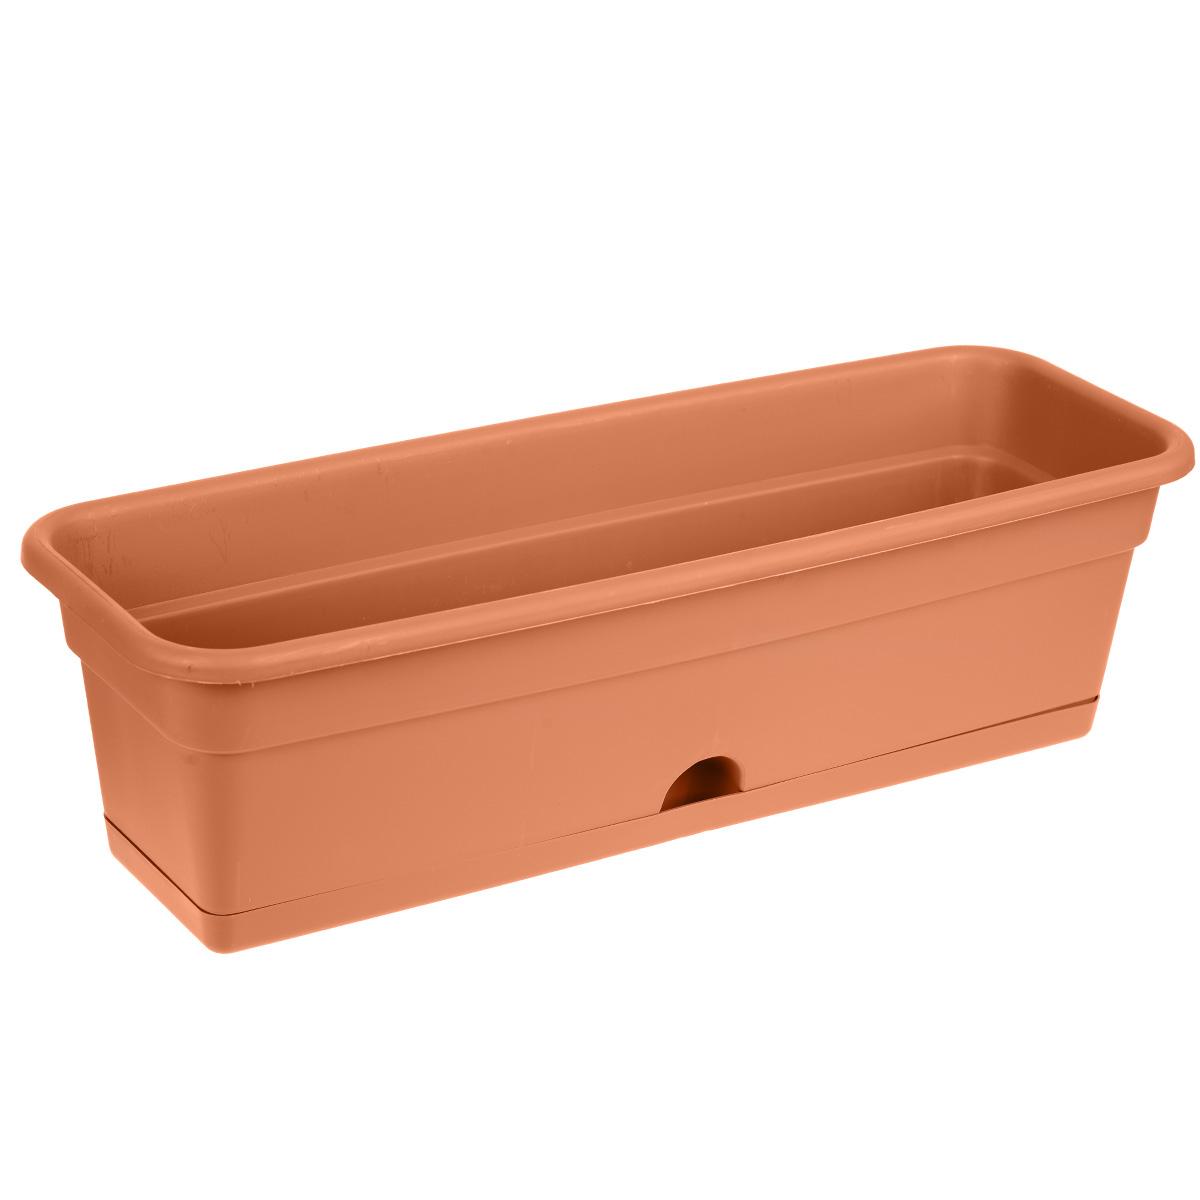 Балконный ящик Darel Plastic, с поддоном, цвет: терракотовый, 60 х 20 х 17 см4607128374974Балконный ящик Darel Plastic изготовлен из прочного полипропилена (пластика). Снабжен поддоном для стока воды. Система нижнего полива очень удобна для отдельного вида растений - при этом вода наливается не сверху, а внутрь поддона. Изделие прекрасно подходит для выращивания рассады, растений и цветов в домашних условиях.